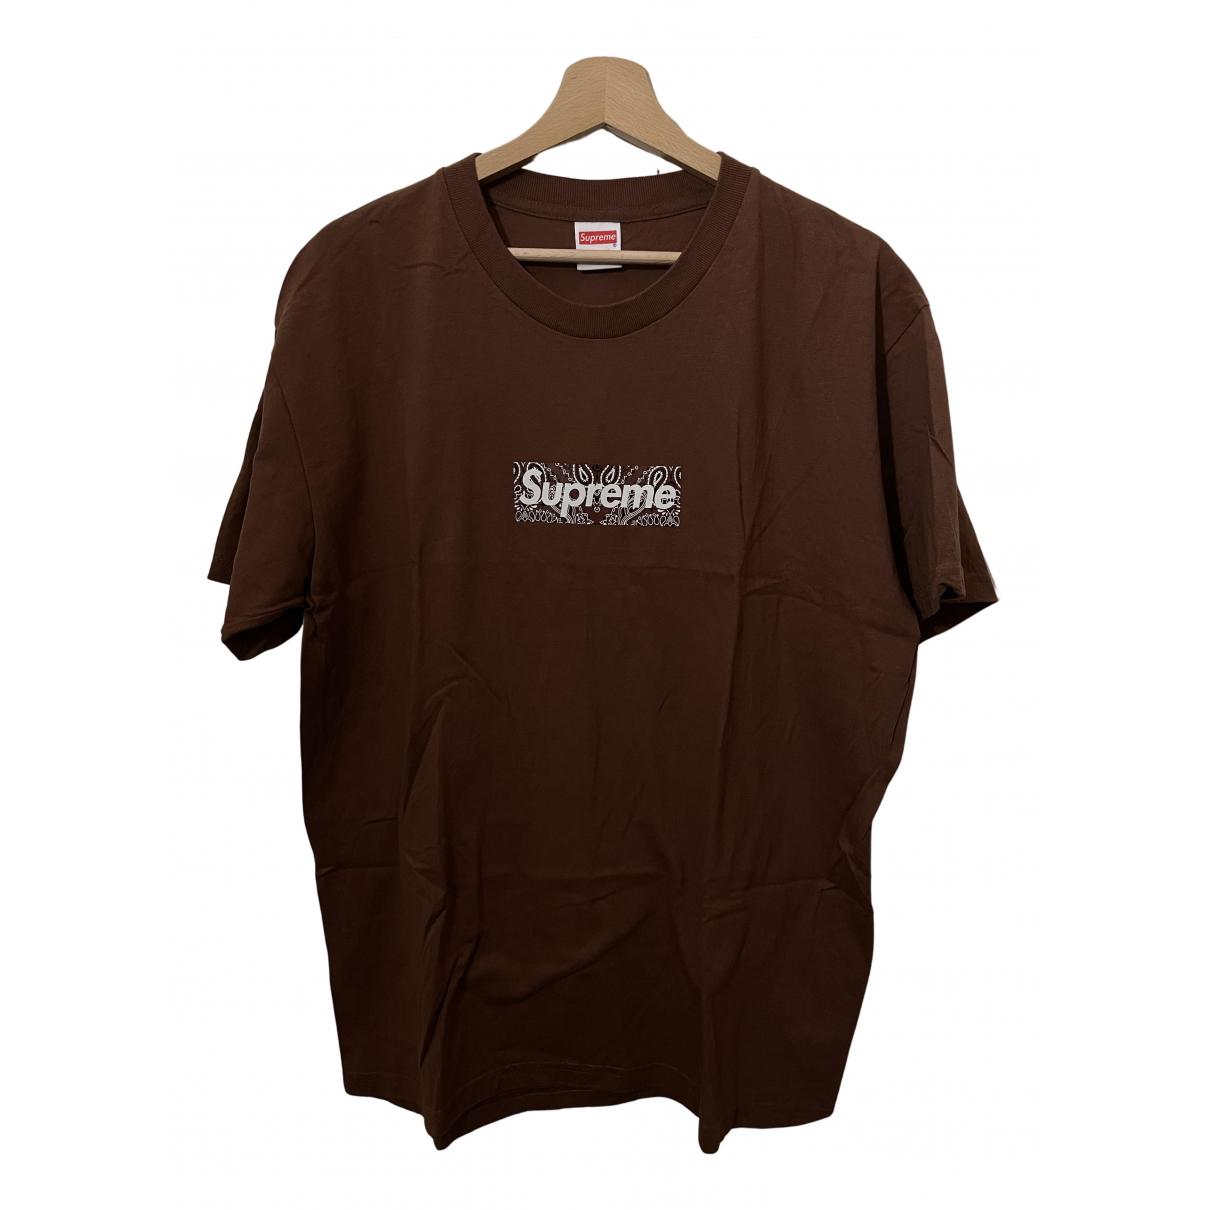 Supreme - Tee shirts   pour homme en coton - marron